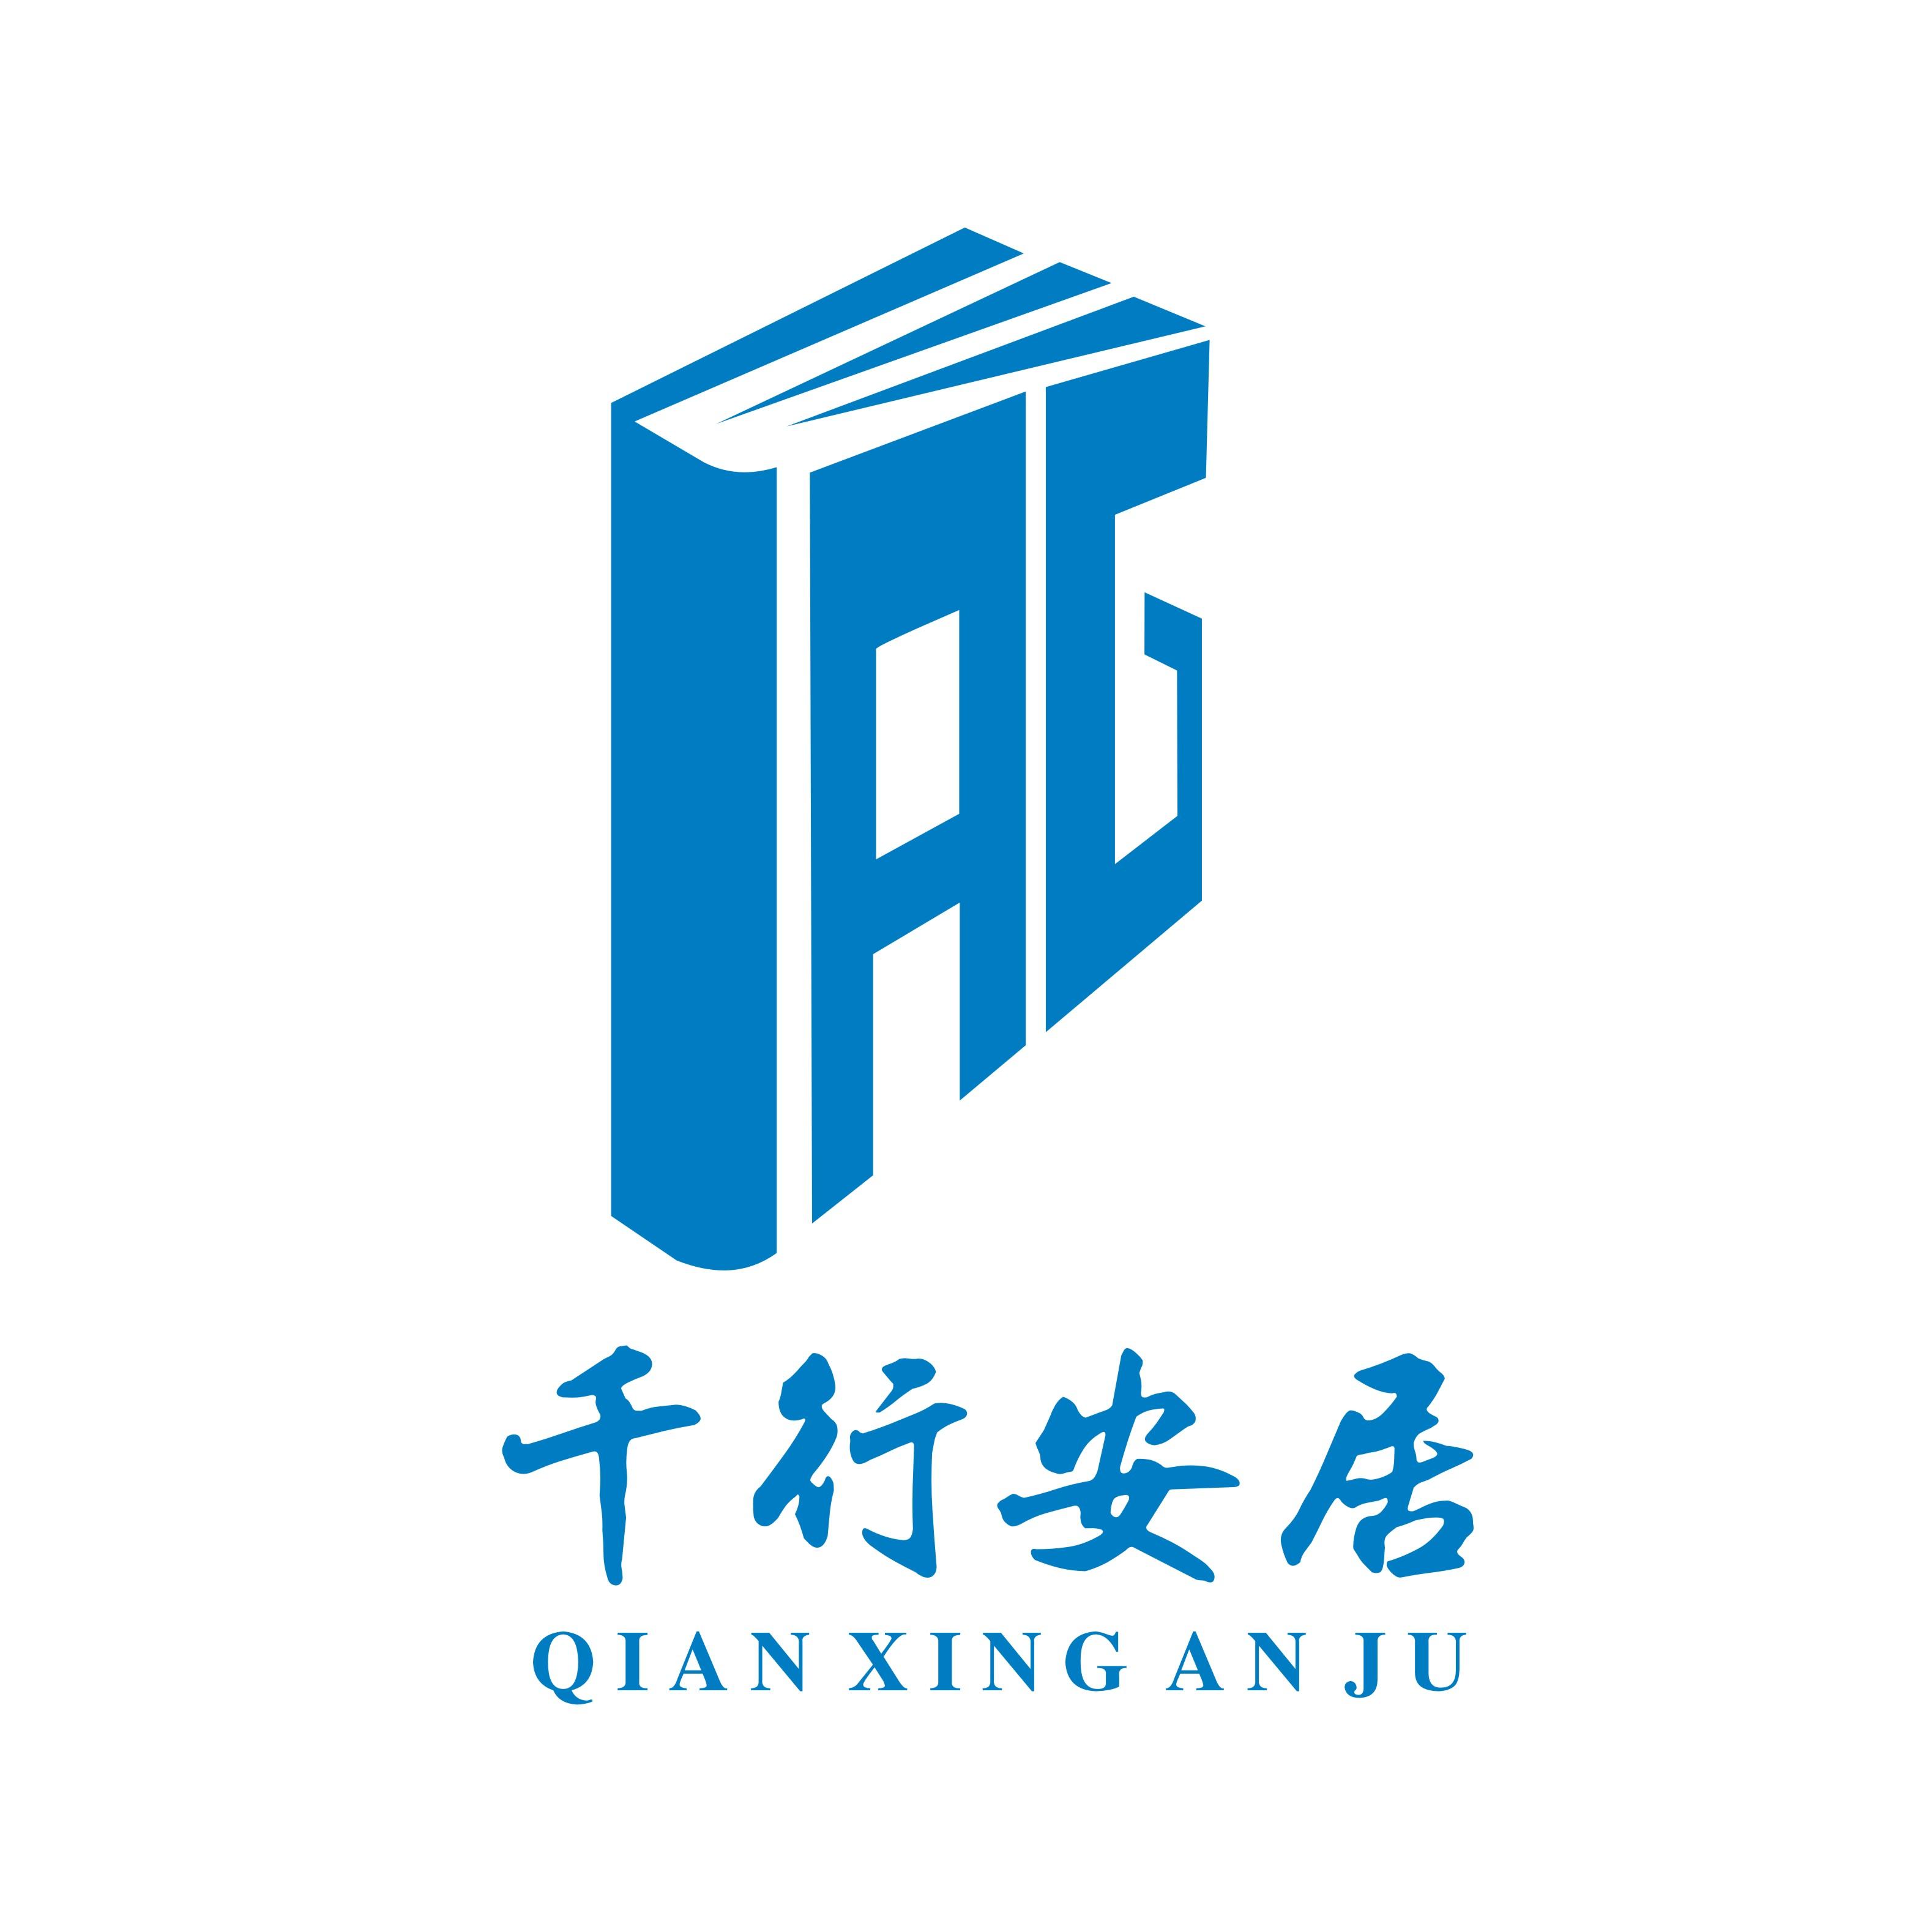 廣東千行安居教育咨詢有限公司